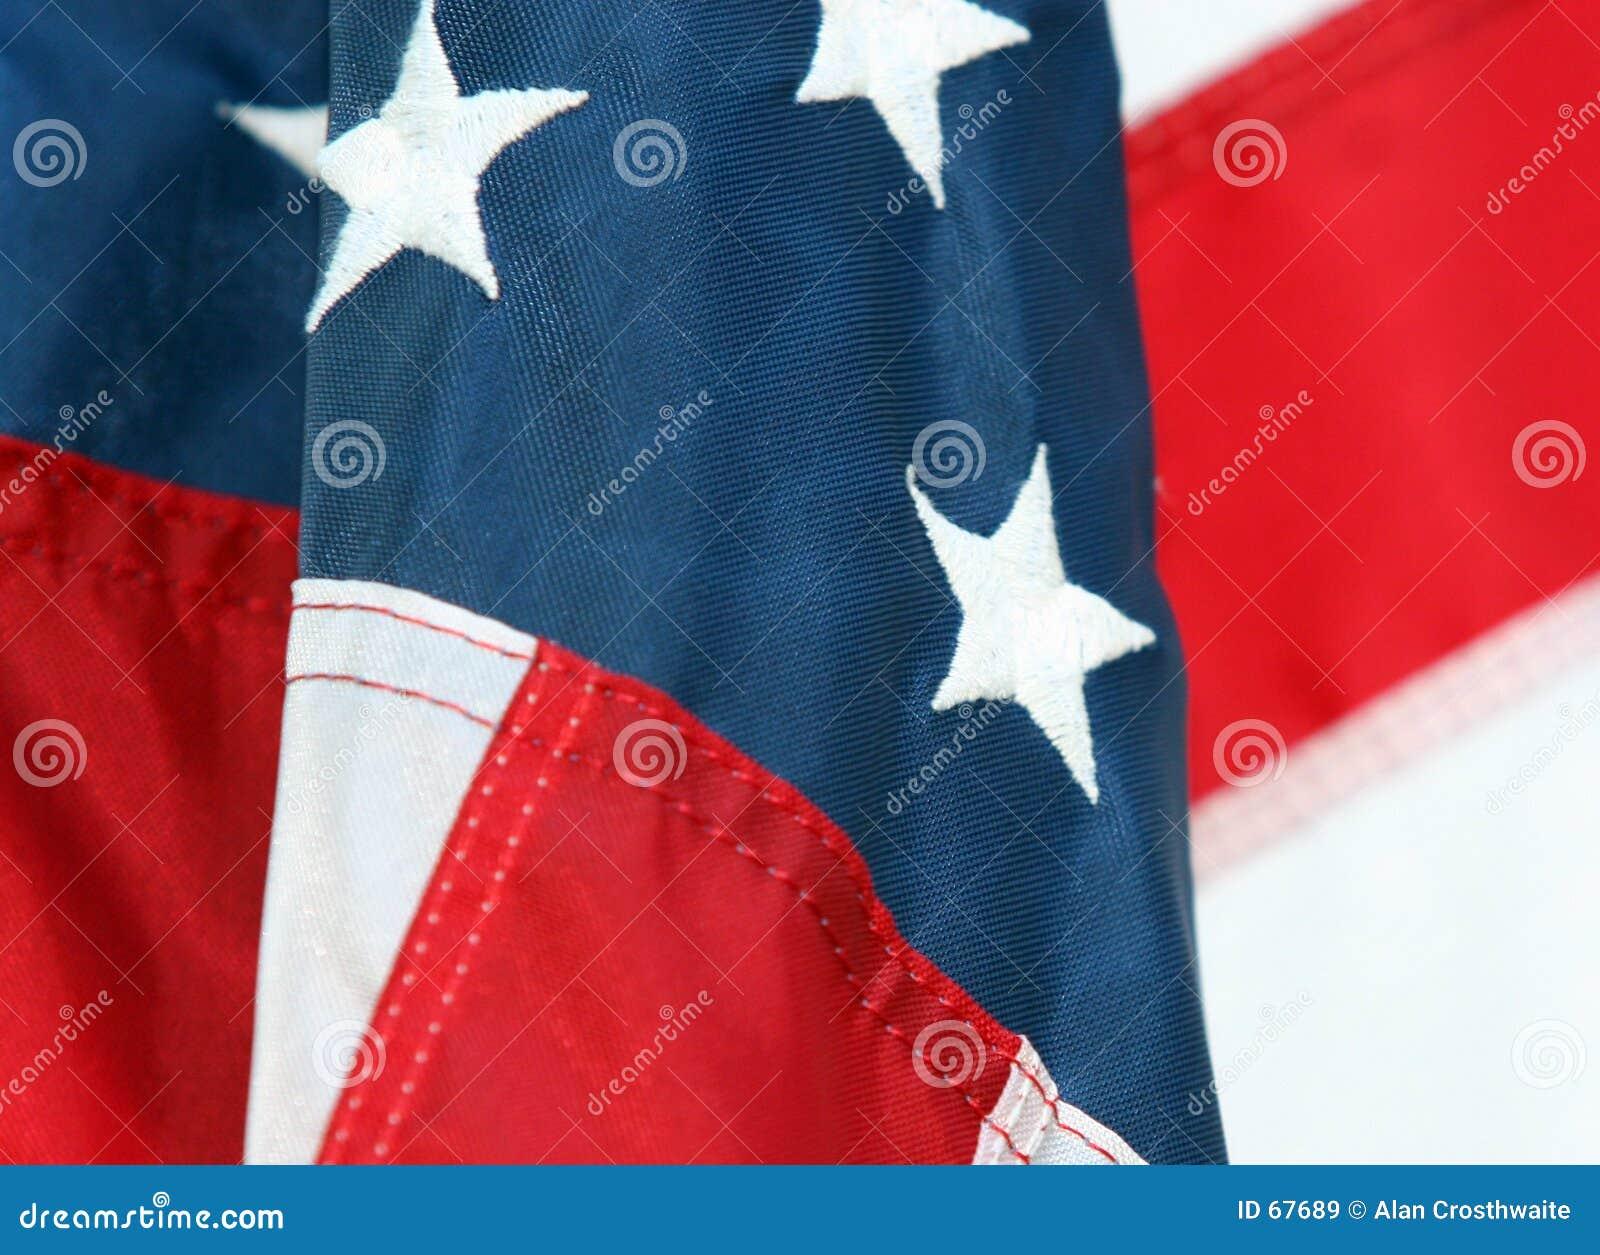 Αμερική συμβολική